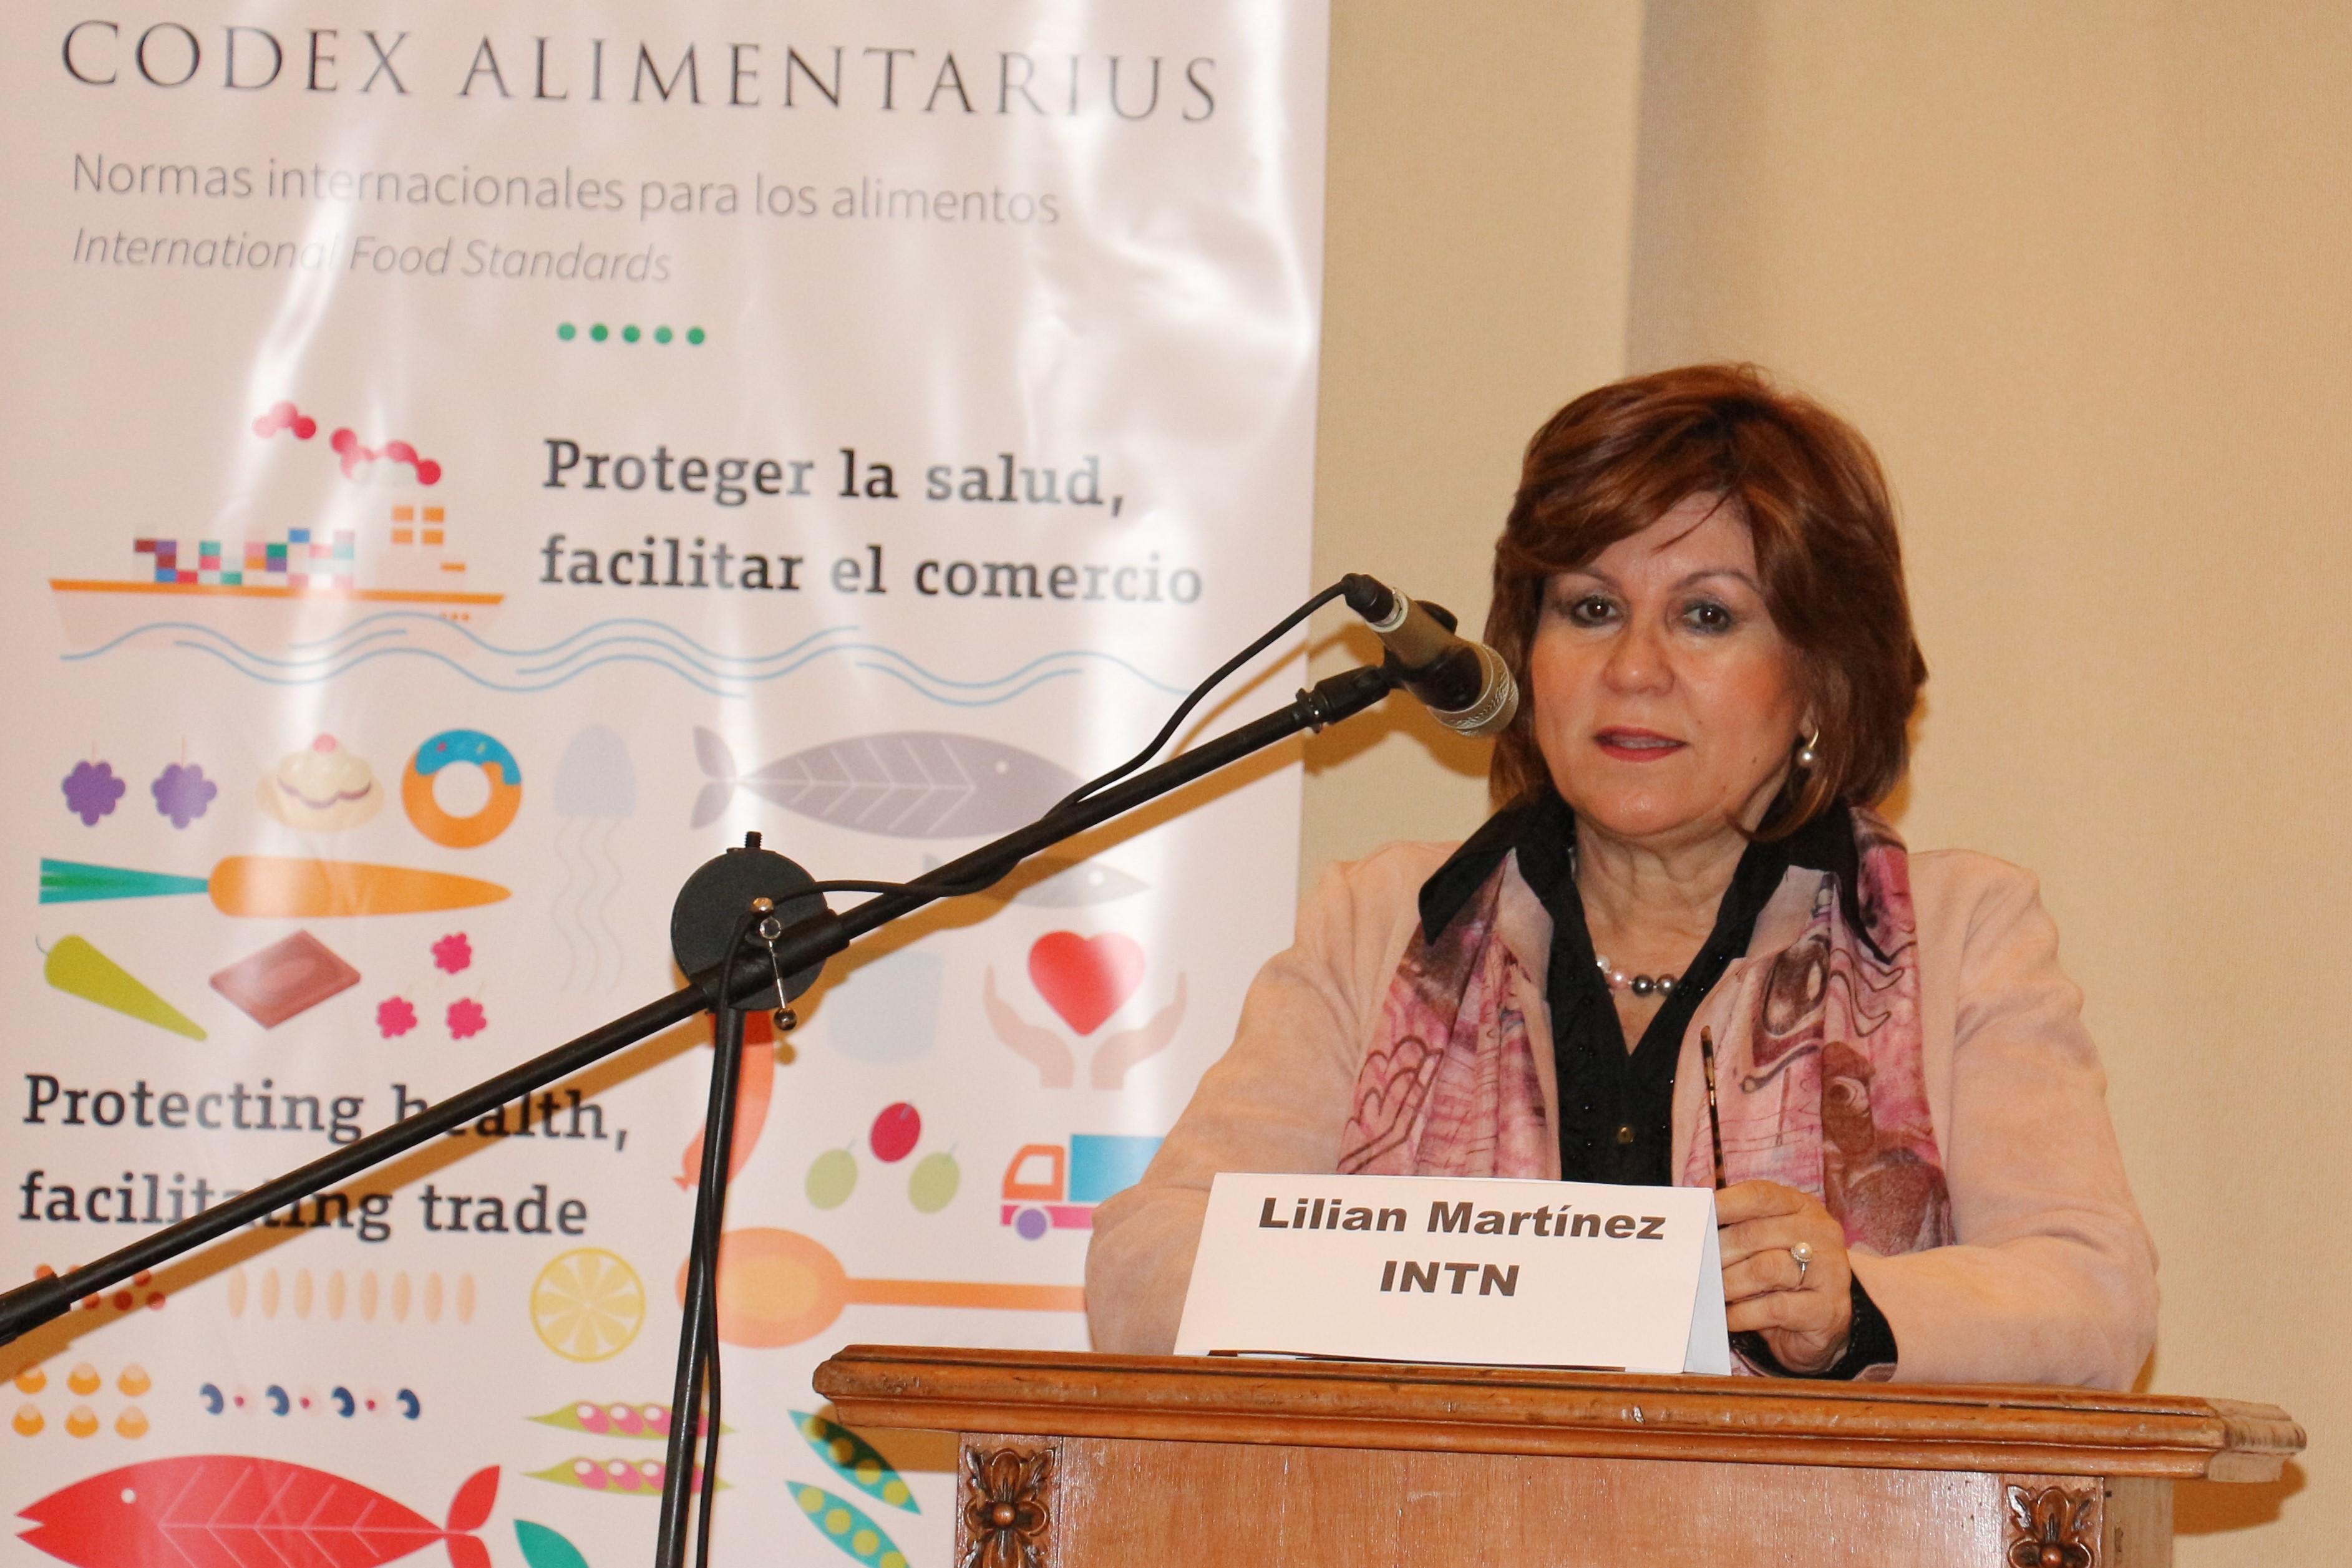 Lilian Martinez INTN